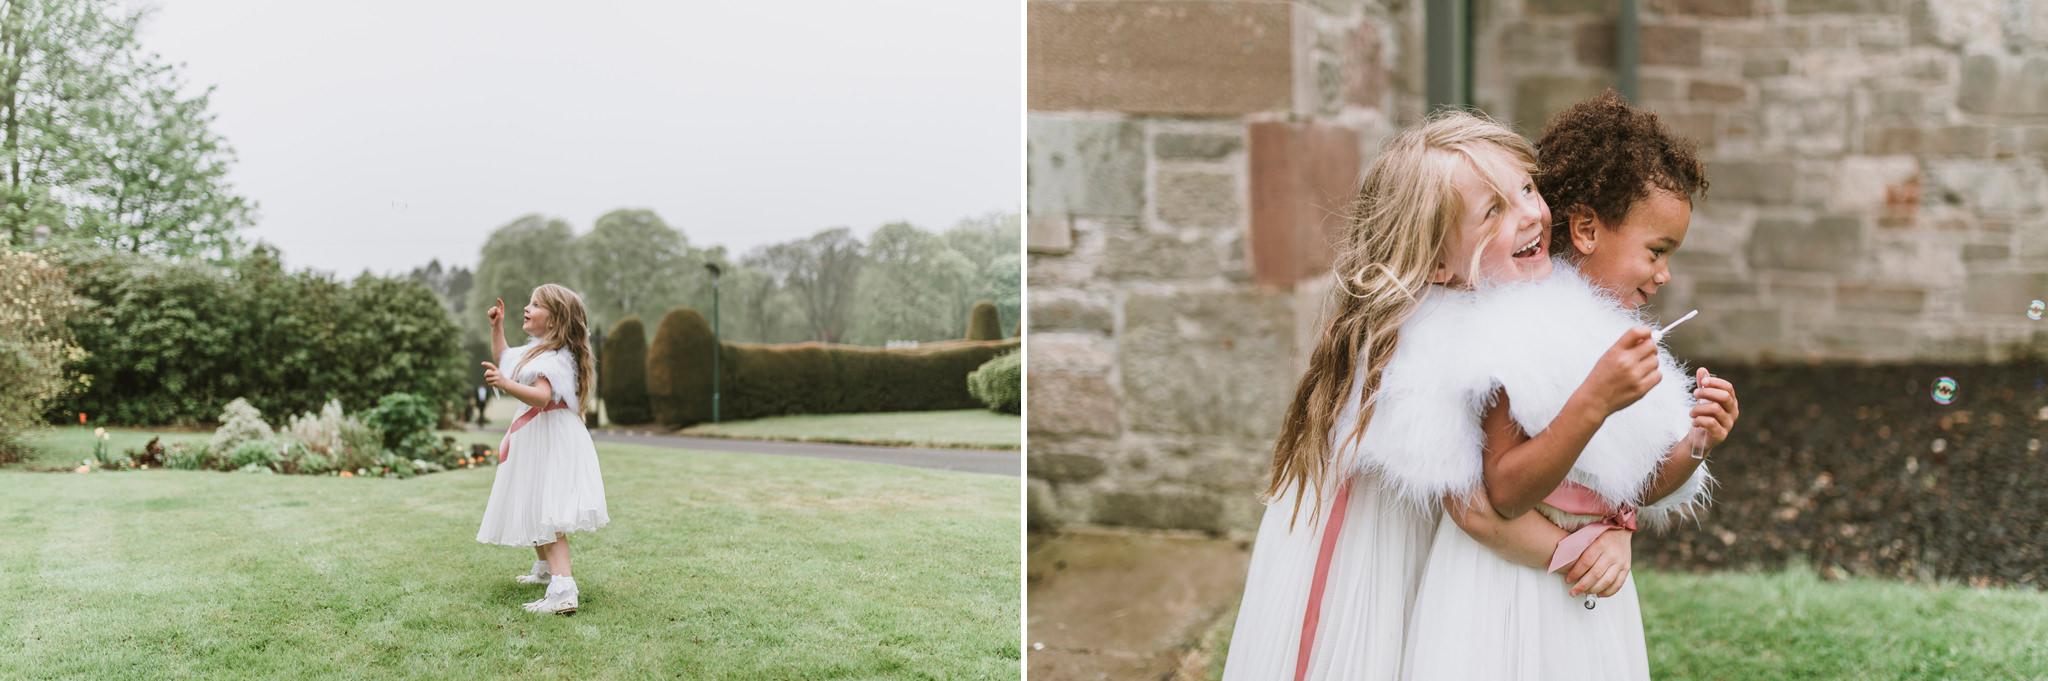 scotland-wedding-elopement-photographer-059.jpg